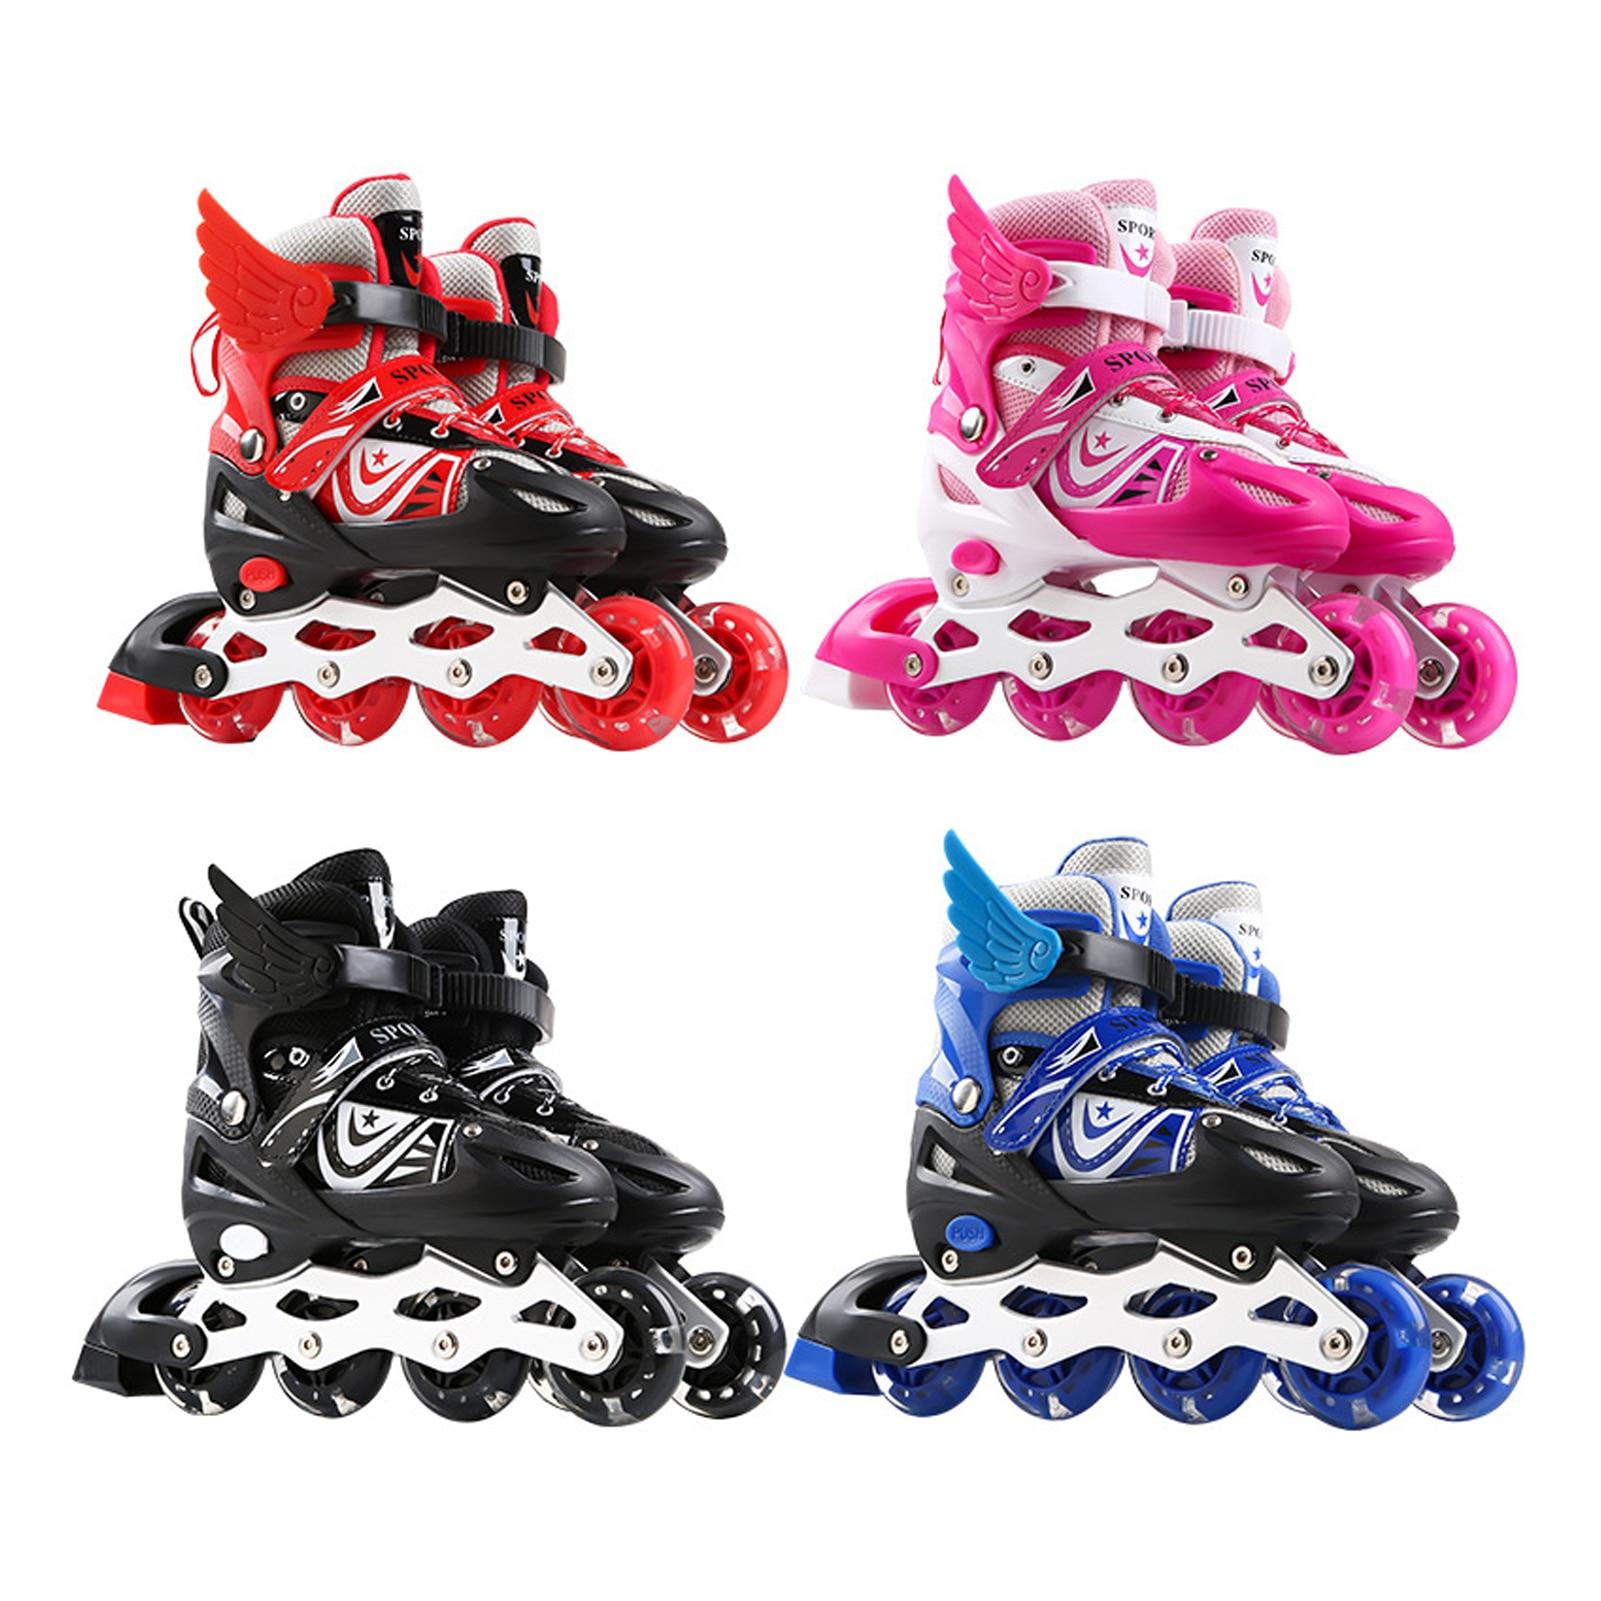 Детские роликовые коньки Flash, роликовые коньки, одноколесные роликовые коньки, роликовые коньки в линию, регулируемый размер для мужчин и же...